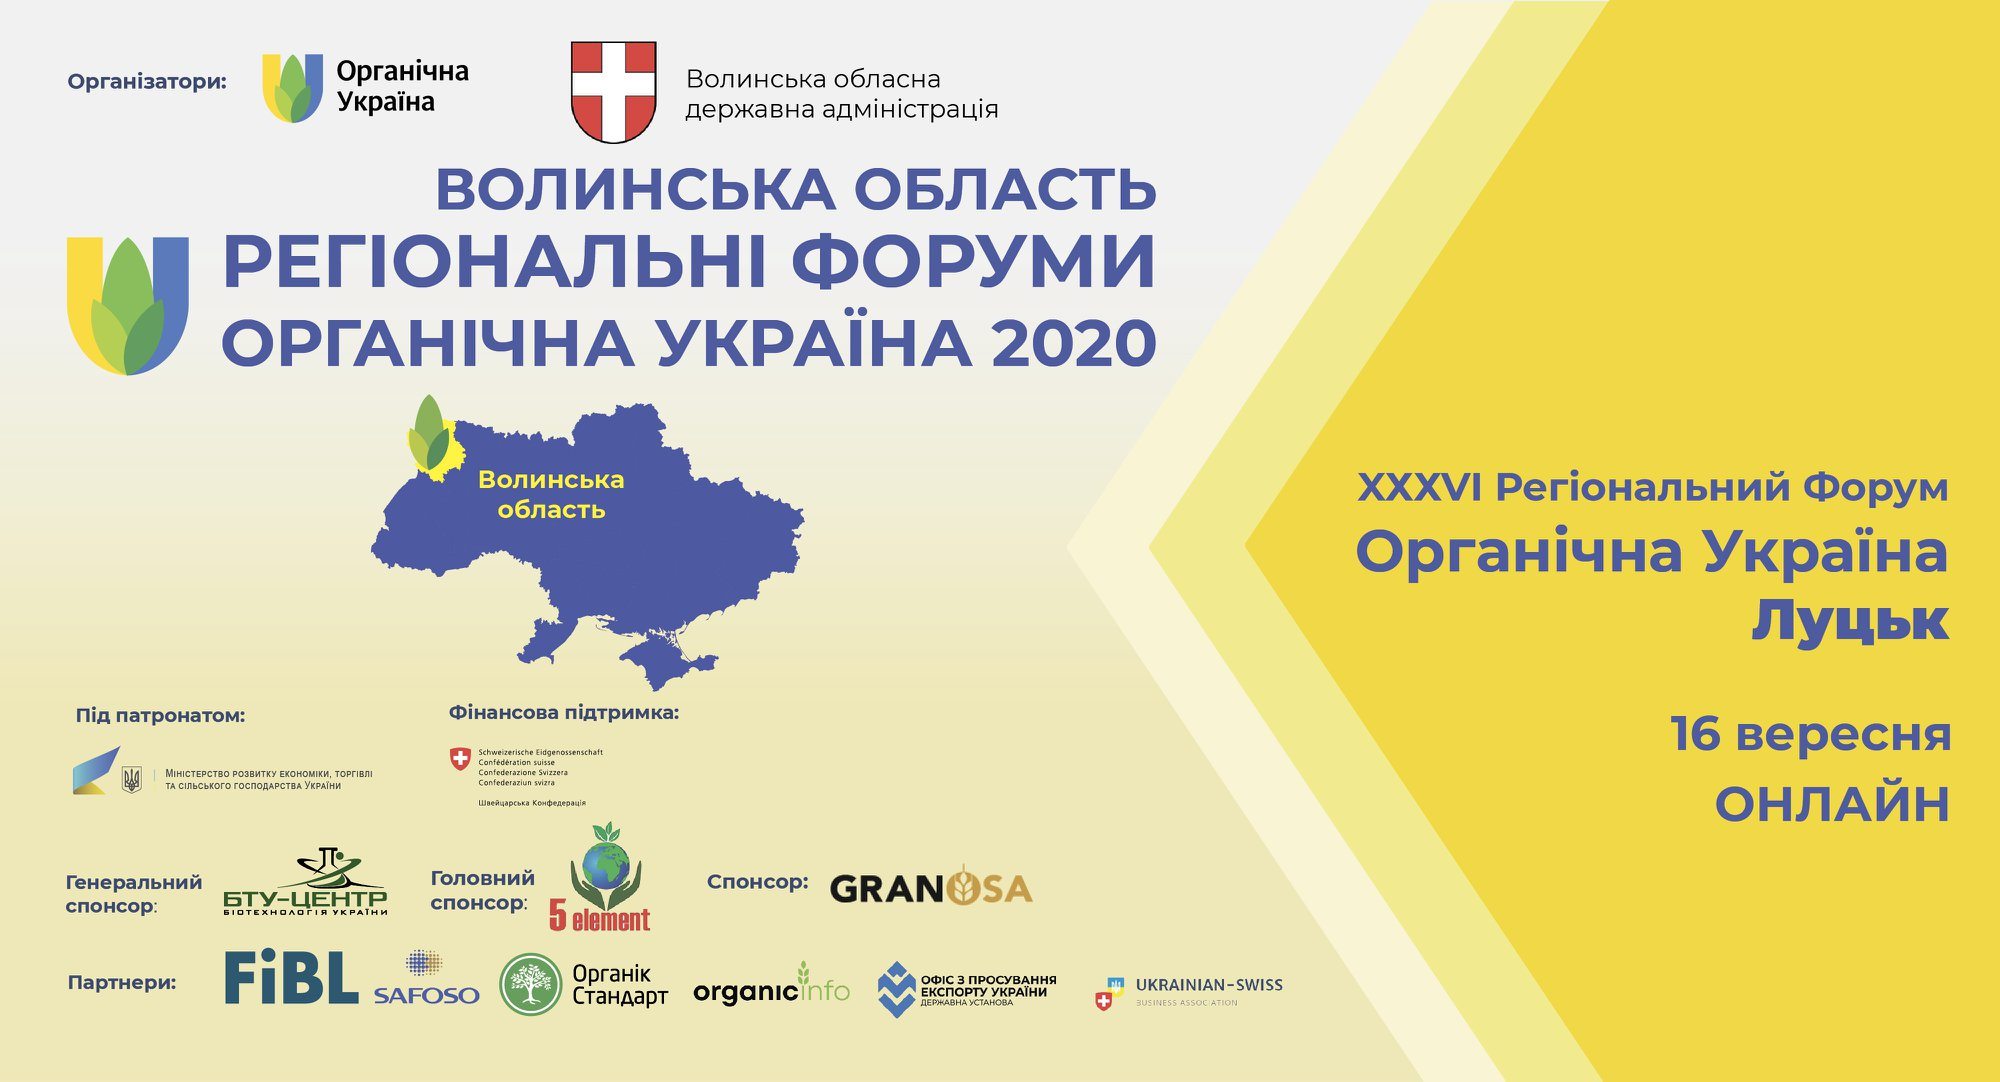 Луцьк_регіональний форум